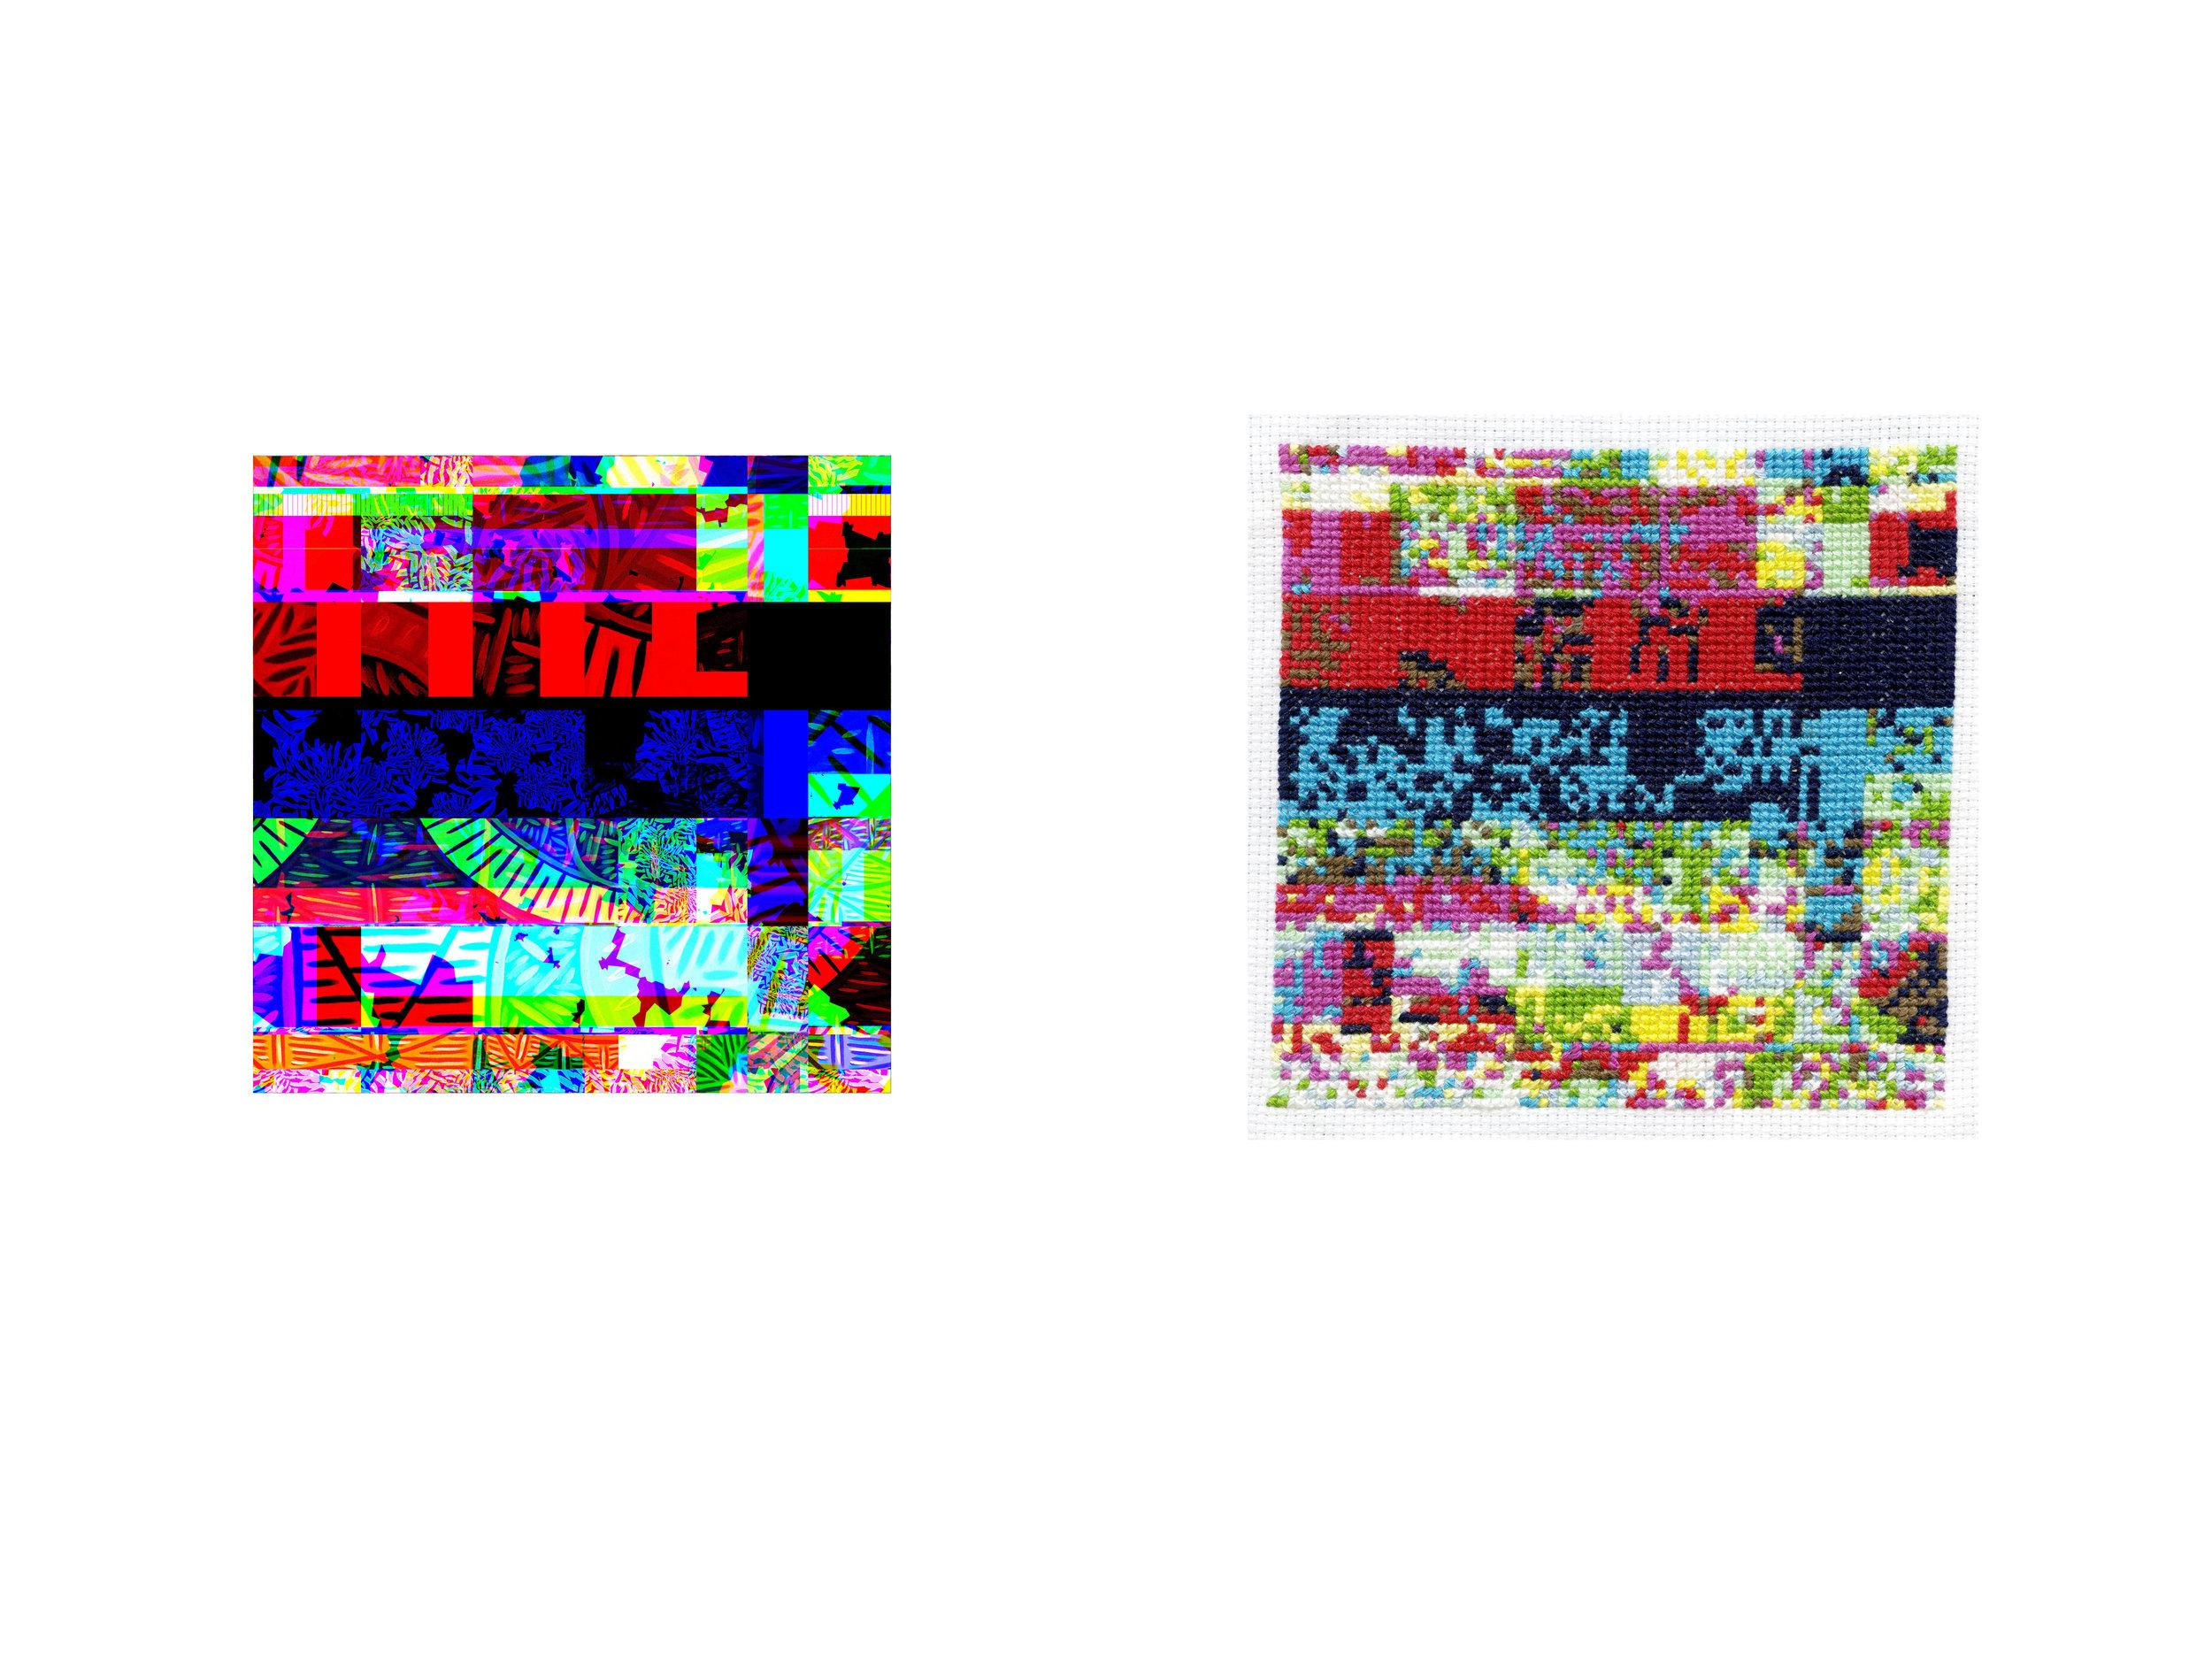 GlitchSeries03 - Crop_3_crop.jpg